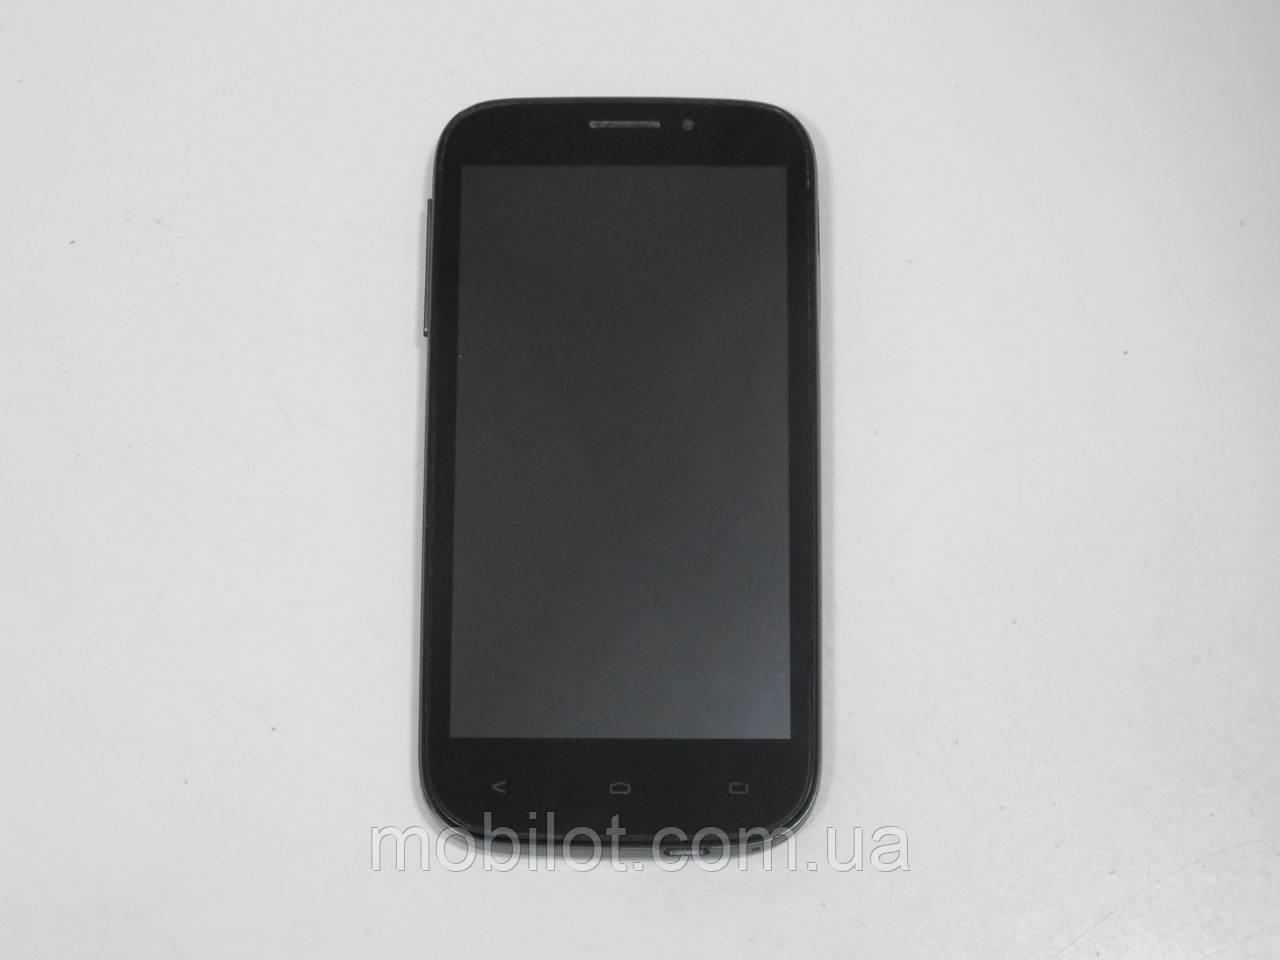 Мобильный телефон Fly IQ4404 (TZ-7635)